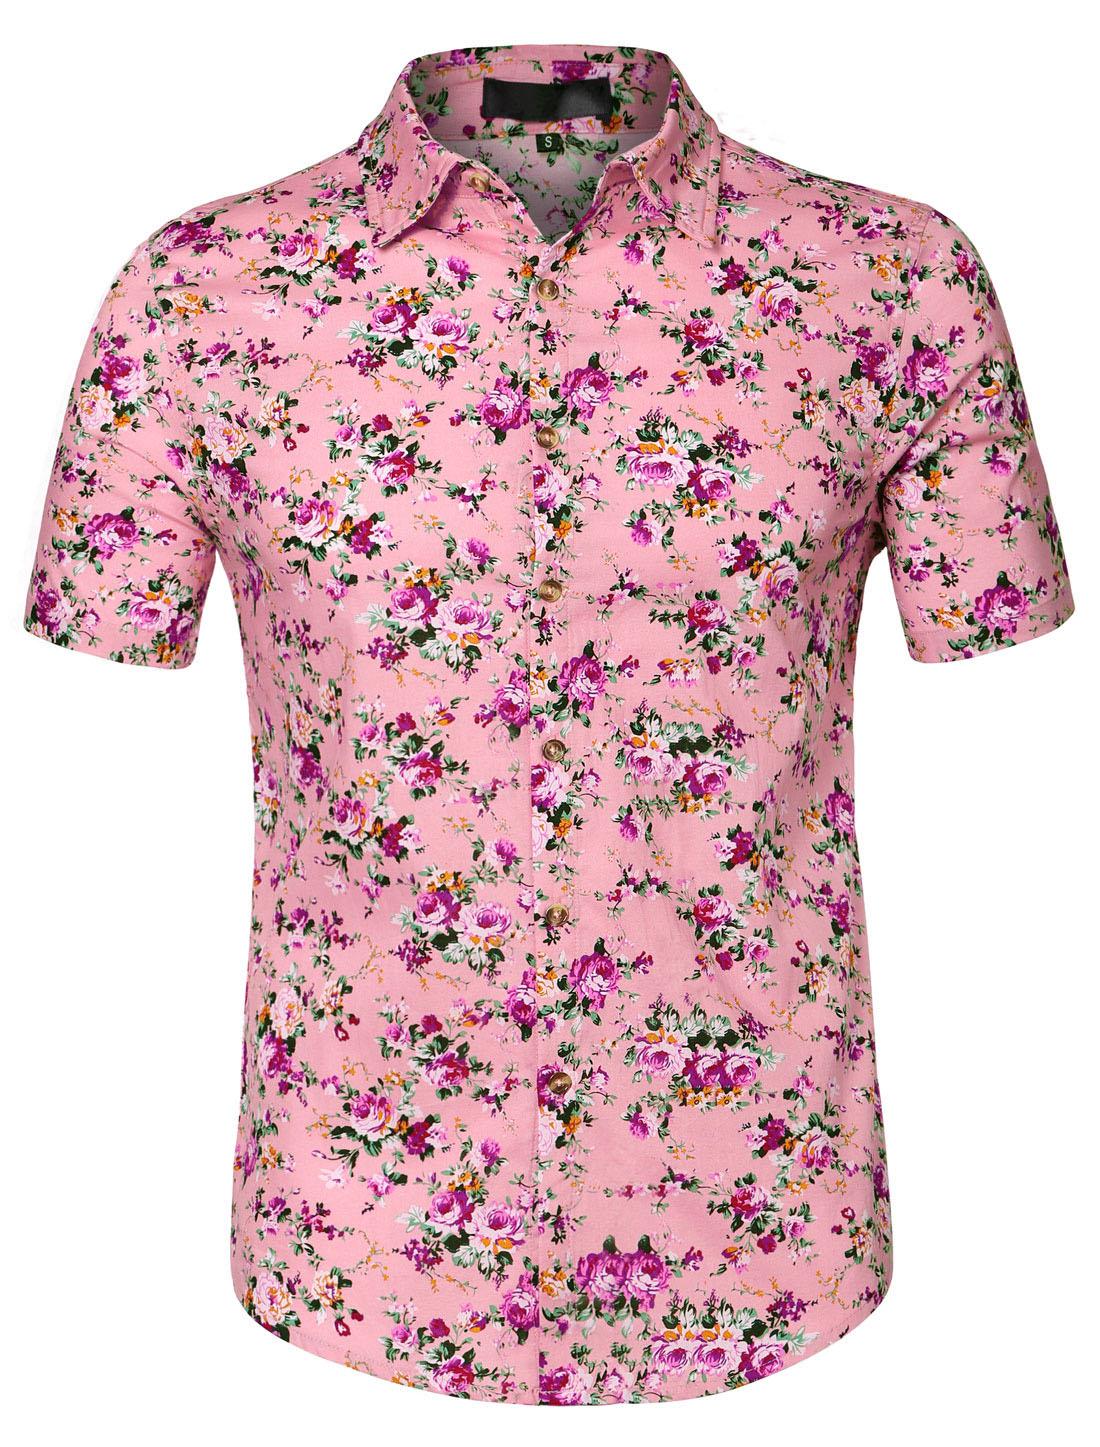 Men Short Sleeve Button Floral Print Beach Hawaiian Shirt Rose Red XL US 46